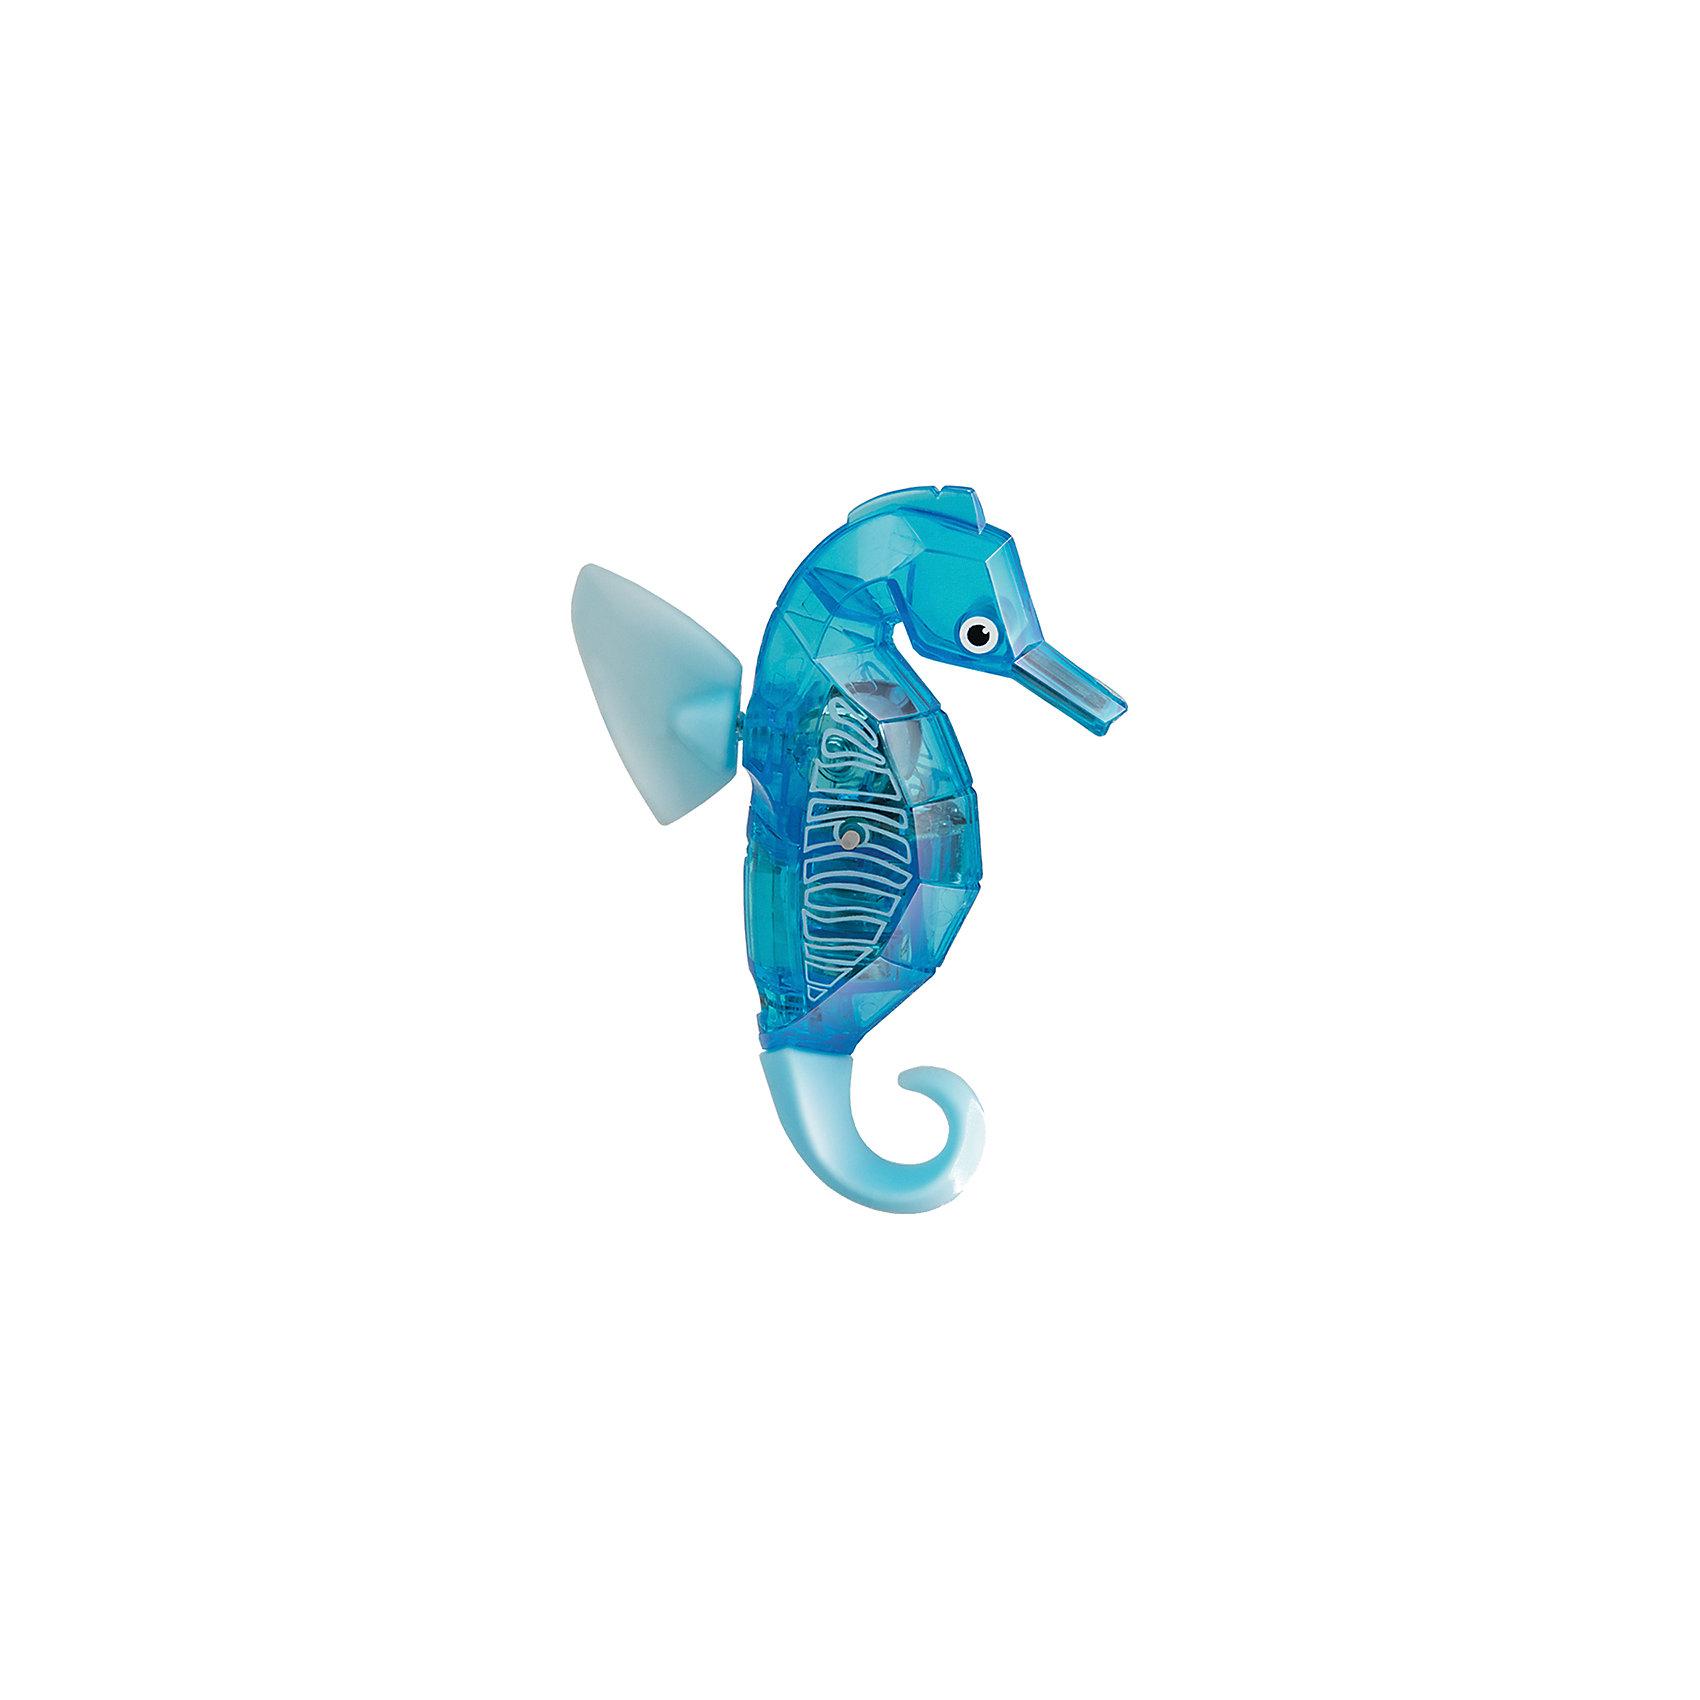 Микро-робот Aqua Bot Морской конек, голубой, HexbugИнтерактивные игрушки для малышей<br>Микро-робот Aqua Bot Морской конек, голубой, Hexbug (Хексбаг)<br><br>Характеристики:<br><br>• плавает в любом направлении<br>• автоматическое отключение вне воды<br>• световые эффекты<br>• цвет: голубой<br>• размер: 9х6,5х2 см<br>• батарейки: AG13 - 2 шт. (входят в комплект)<br>• материал: пластик, металл<br>• размер упаковки: 12х6х17 см<br>• вес: 85 грамм<br><br>Морской конек Aqua Bot подарит вам много радости и незабываемых эмоций. Он быстро плавает в воде, ныряет и двигается в разных направлениях. Лампочки внутри игрушки светятся во время движения. Робот автоматически отключается после пяти минут работы или при нахождении вне воды. Чтобы морской конек снова начал двигаться, достаточно всколыхнуть воду или постучать по стенке аквариума. Этот морской конек - отличный подарок любителям роботов!<br><br>Микро-робота Aqua Bot Морской конек, голубой, Hexbug (Хексбаг) вы можете купить в нашем интернет-магазине.<br><br>Ширина мм: 160<br>Глубина мм: 80<br>Высота мм: 120<br>Вес г: 58<br>Возраст от месяцев: 36<br>Возраст до месяцев: 2147483647<br>Пол: Унисекс<br>Возраст: Детский<br>SKU: 5507187